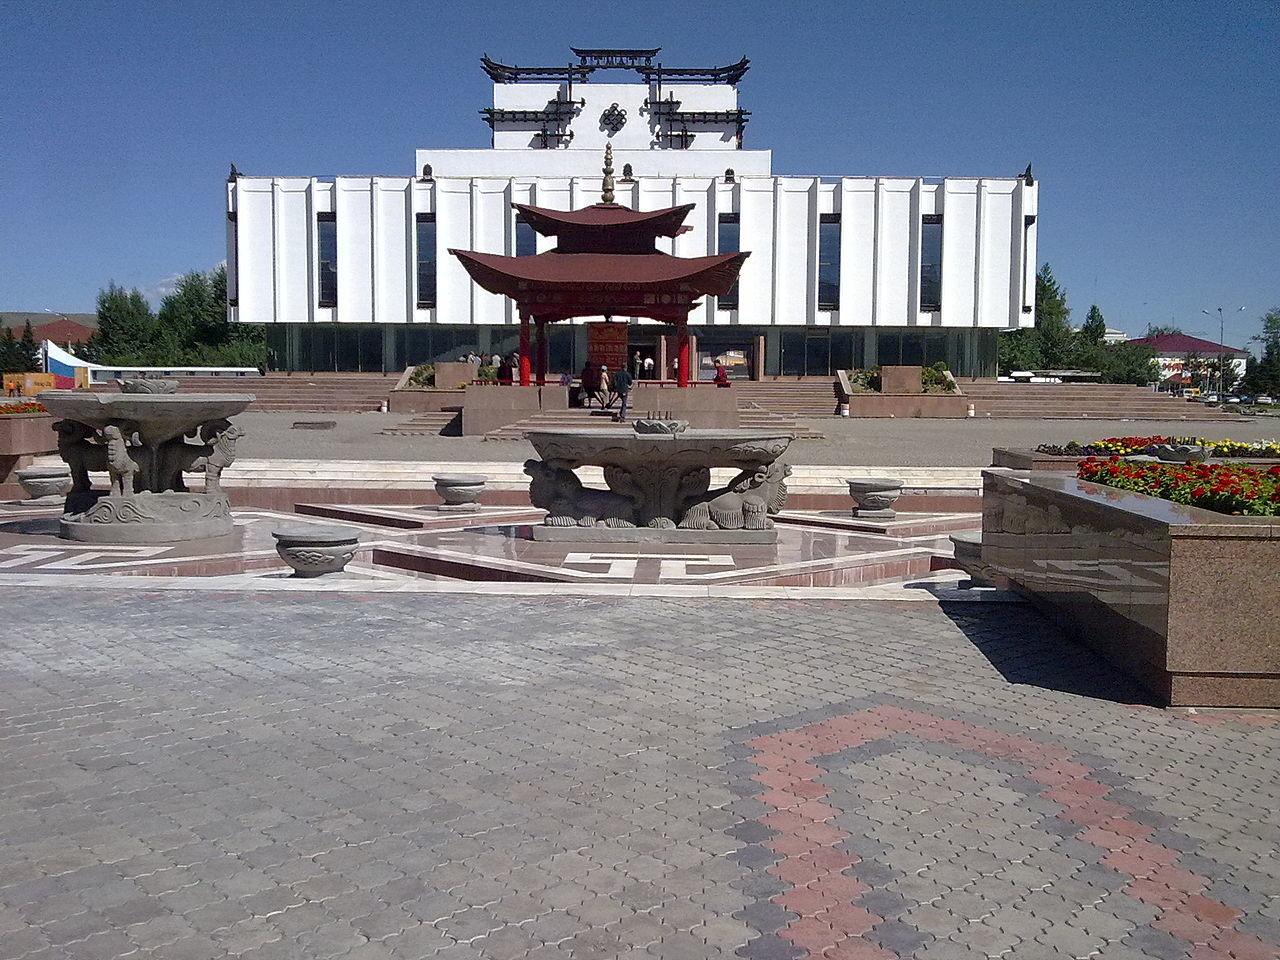 Glasbeni dramski teater in budistični molitveni prostor na trgu Arata